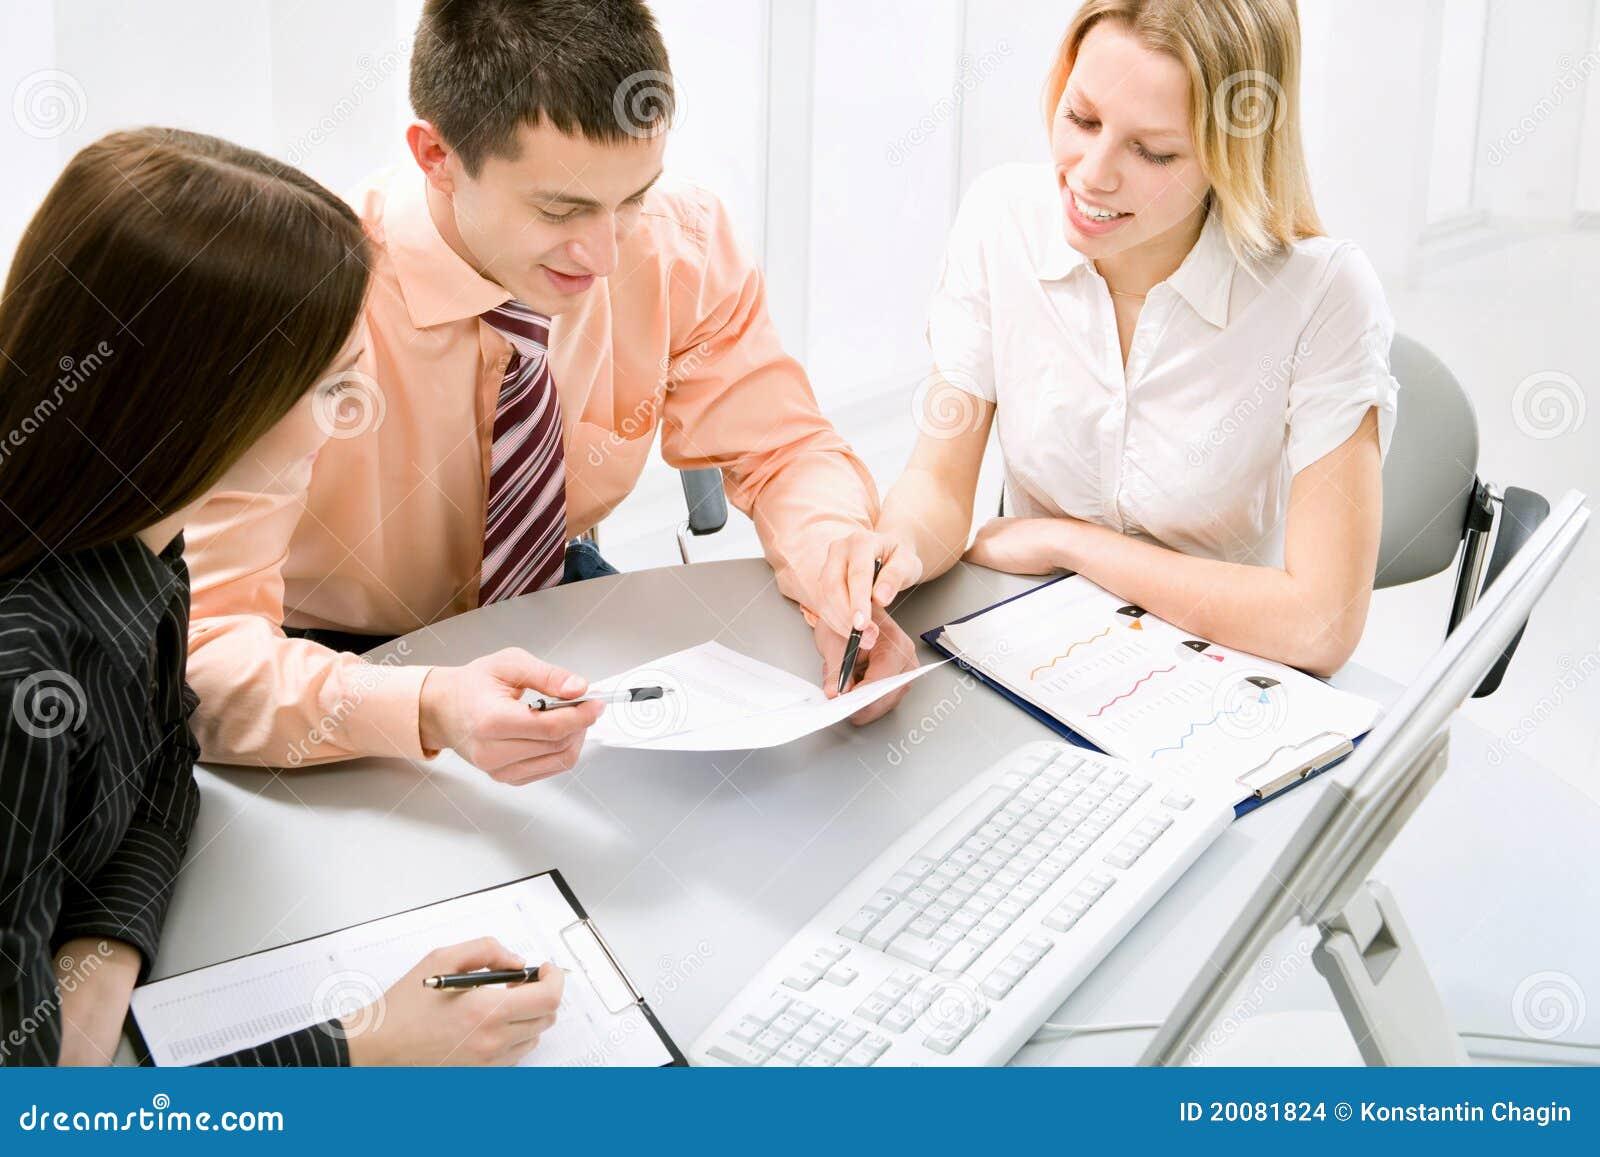 Travail au bureau images stock image 20081824 for Photos gratuites travail bureau